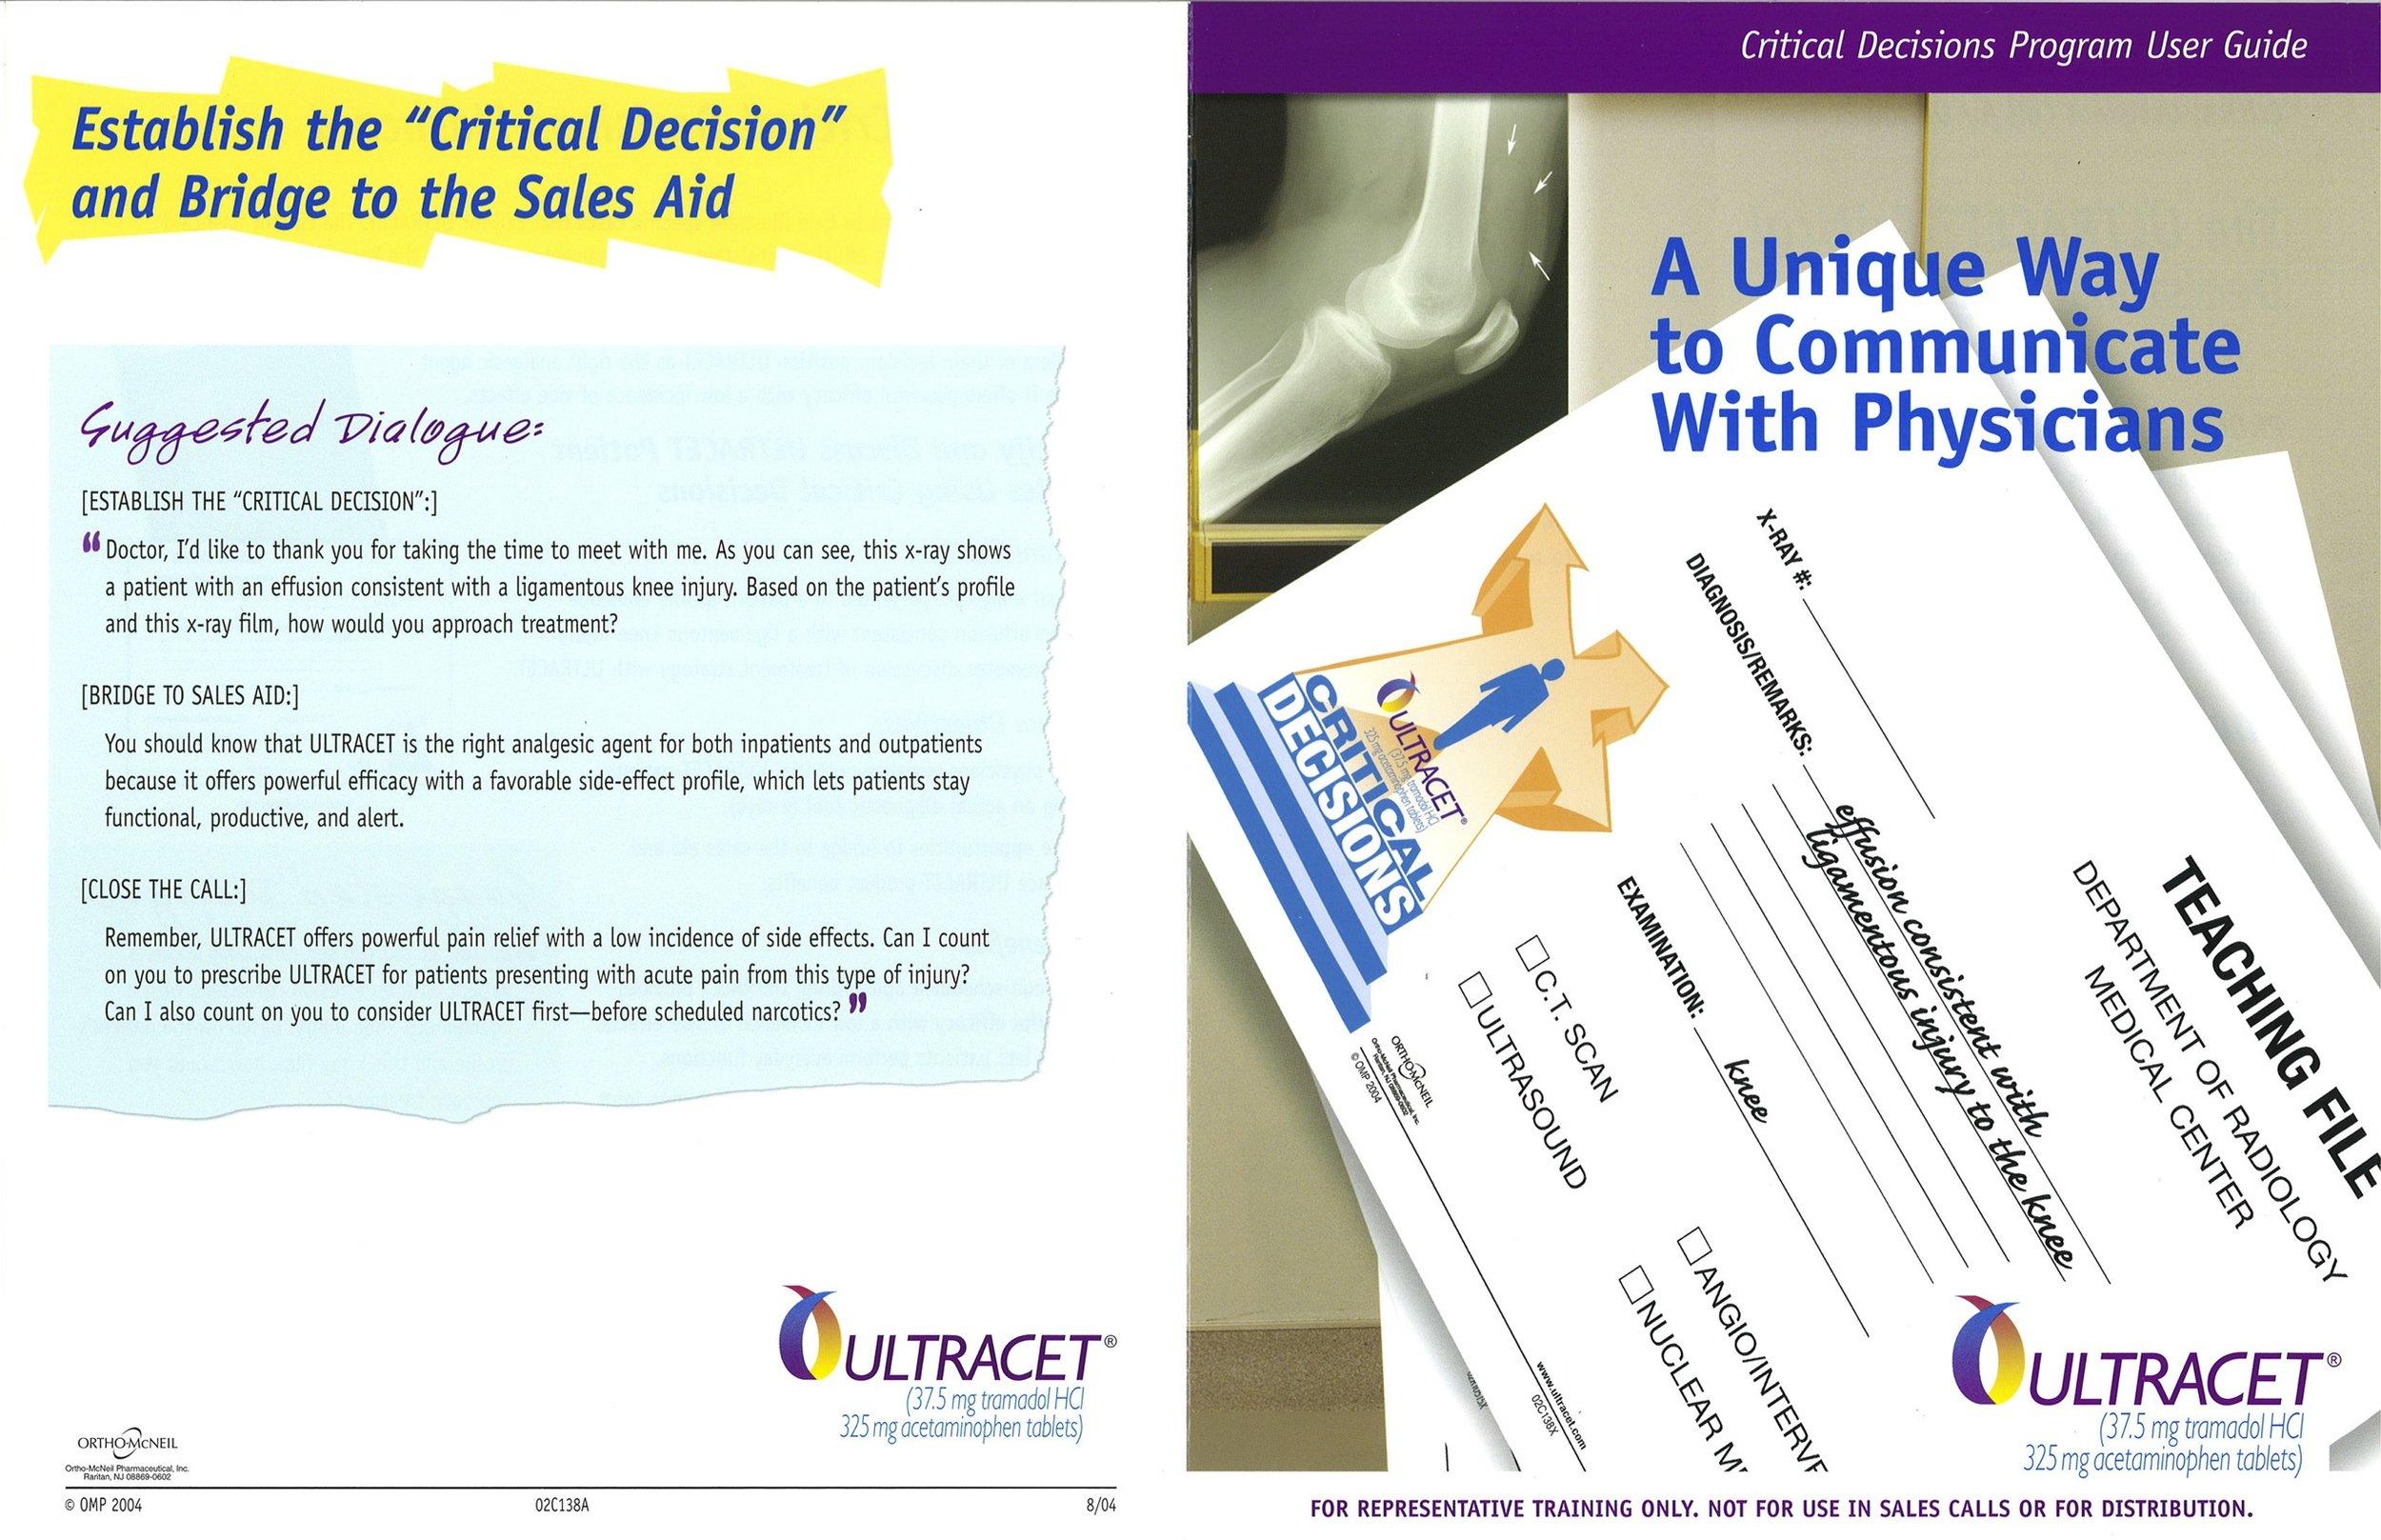 Ultracet-Cover.jpg